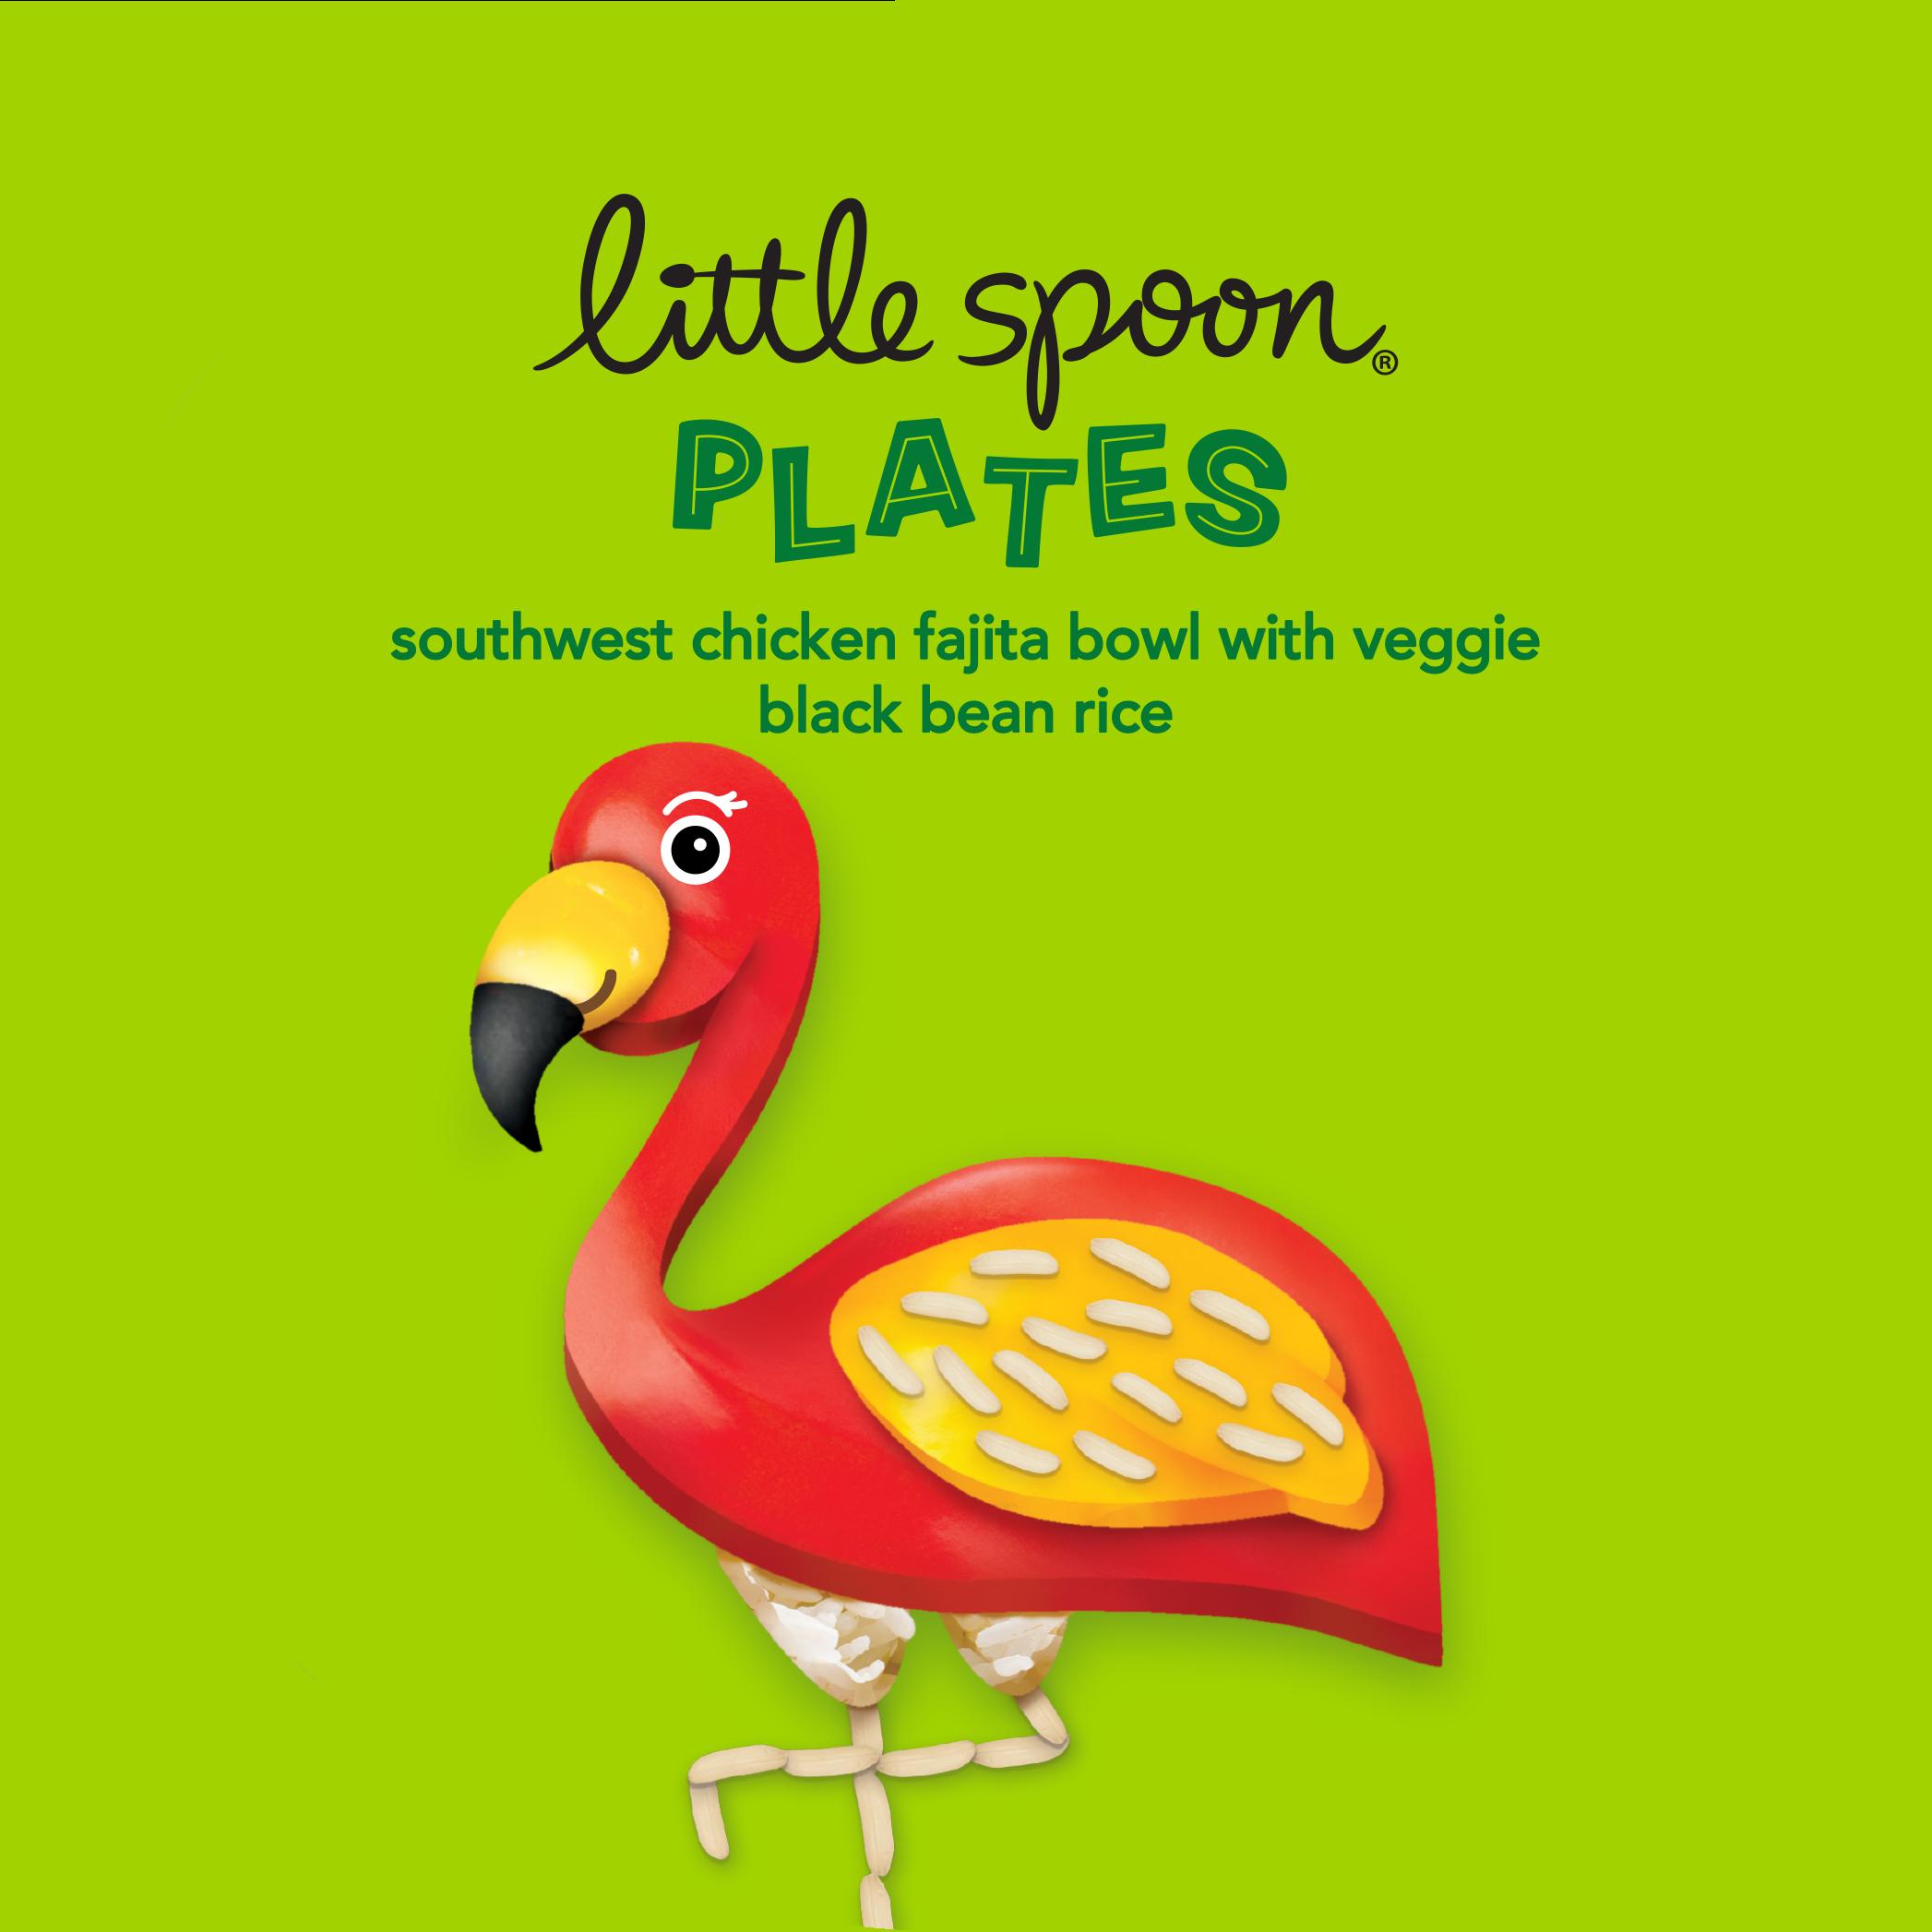 Sleeve of Southwest Chicken Fajita Bowl